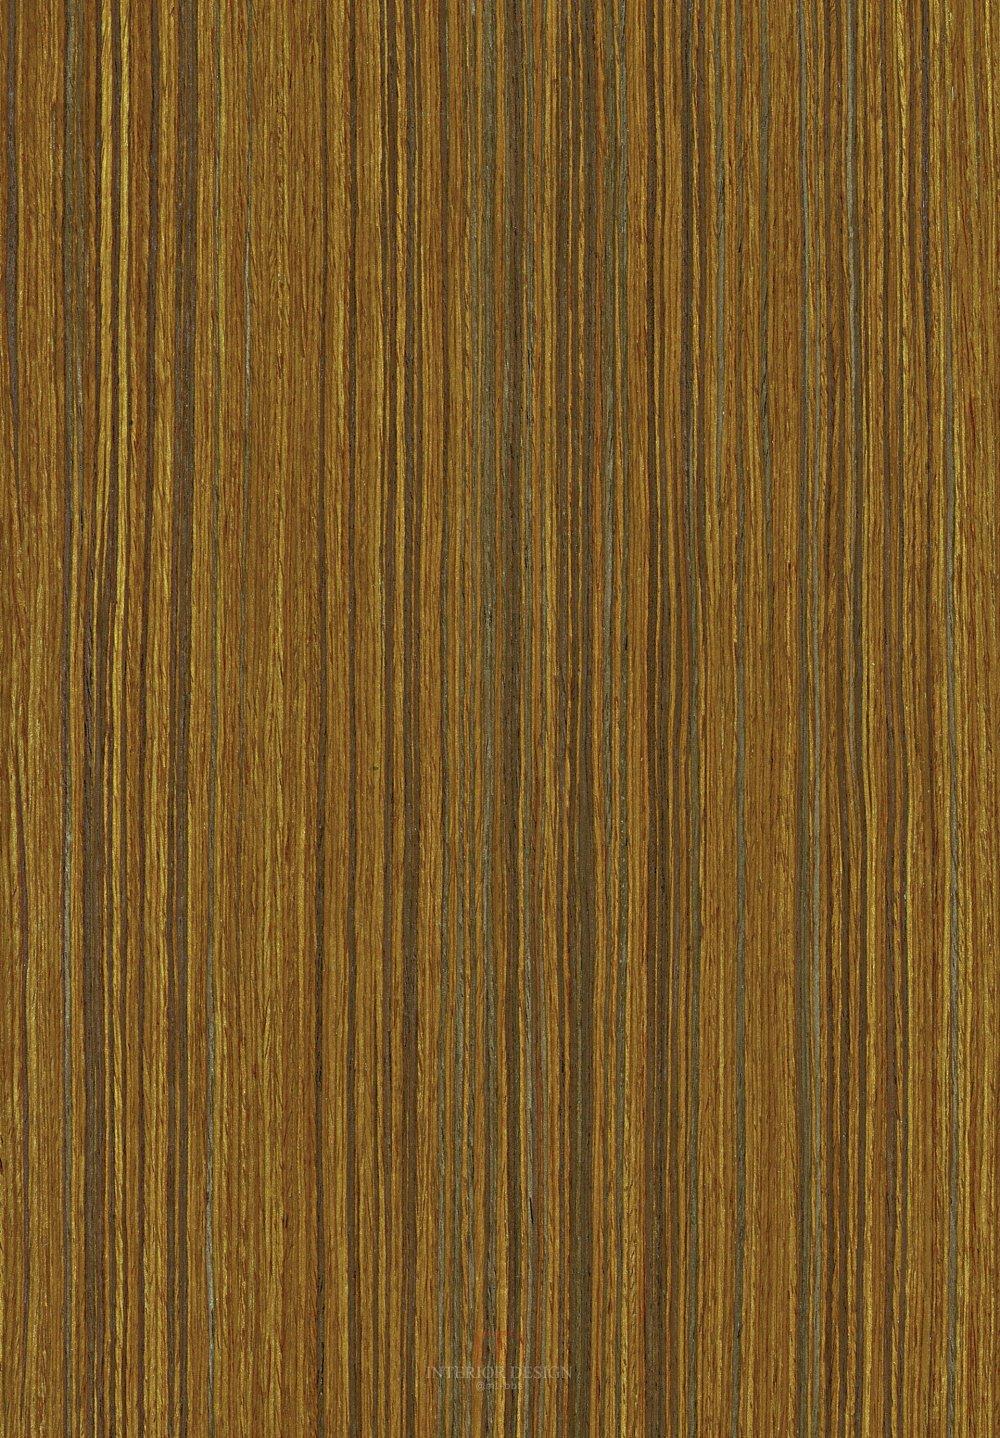 人造木纹_K6248_F0603.jpg